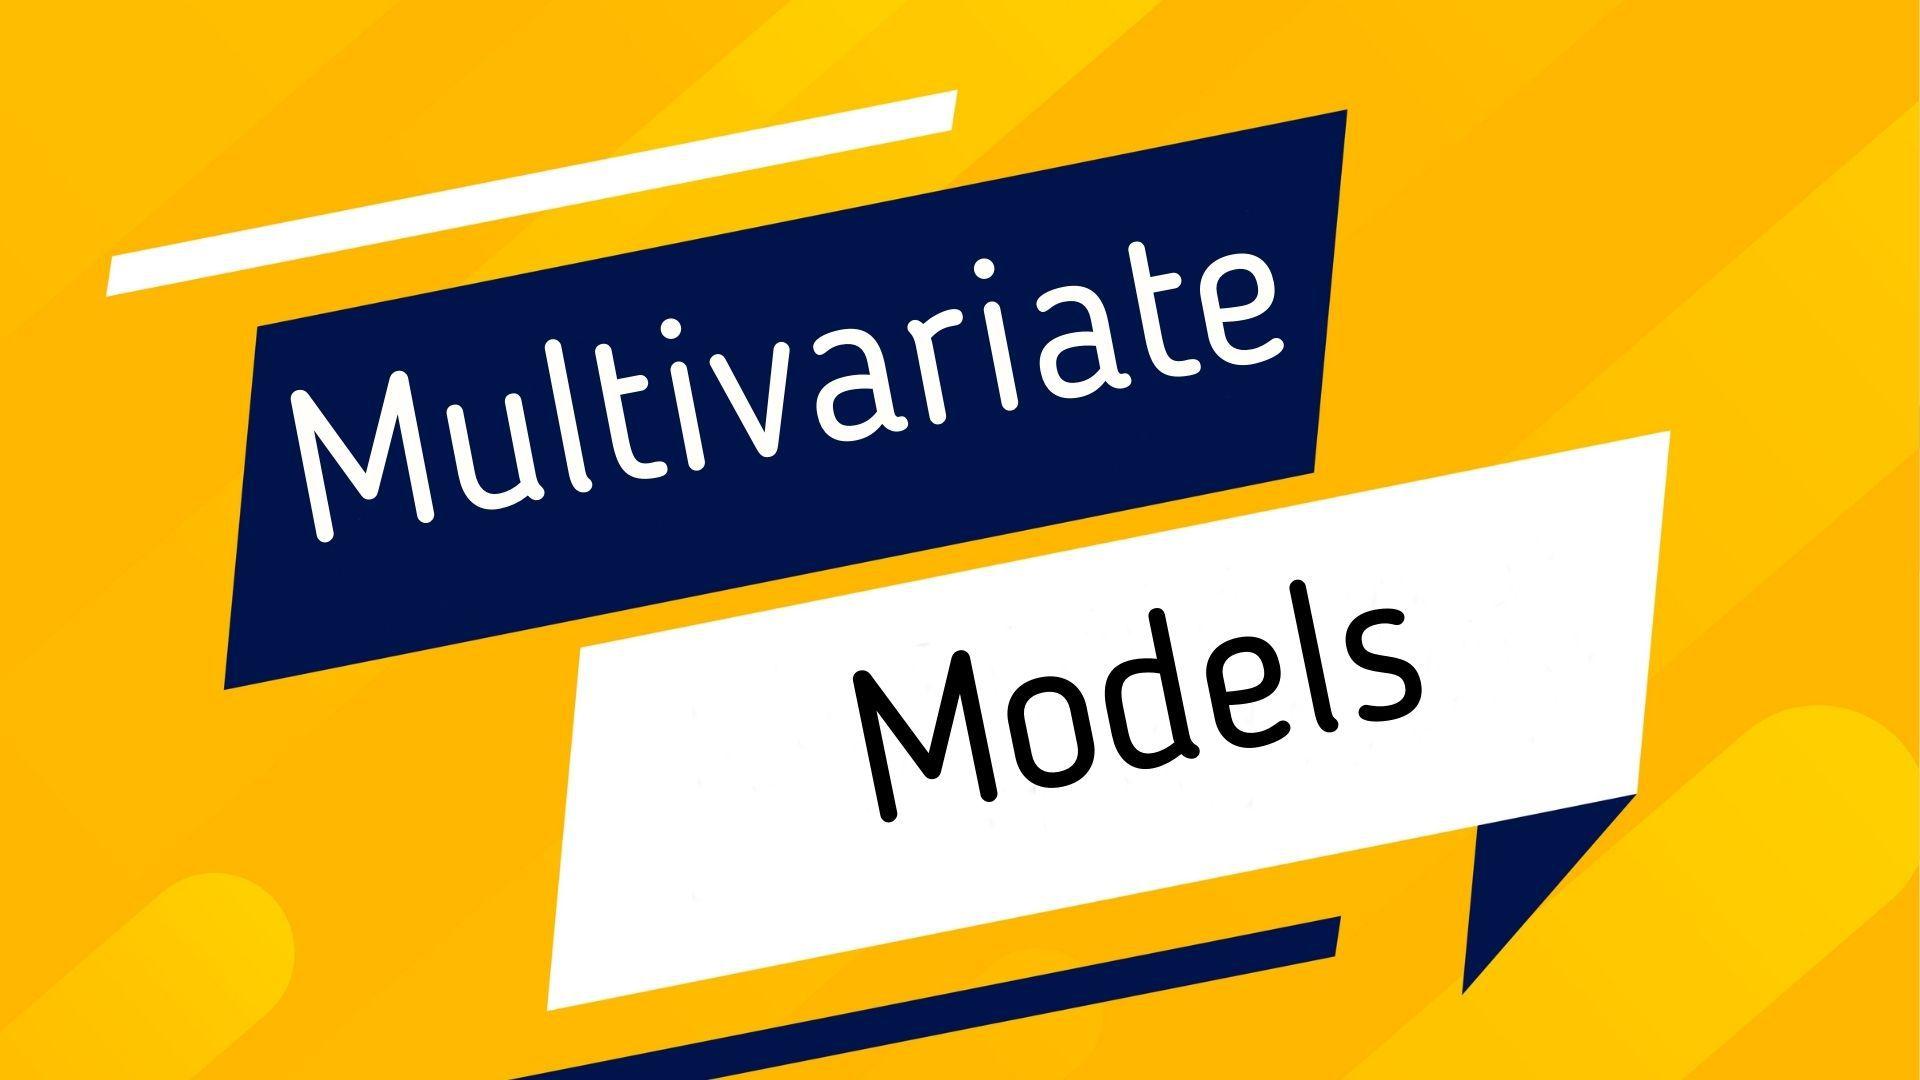 Who uses Multivariate models